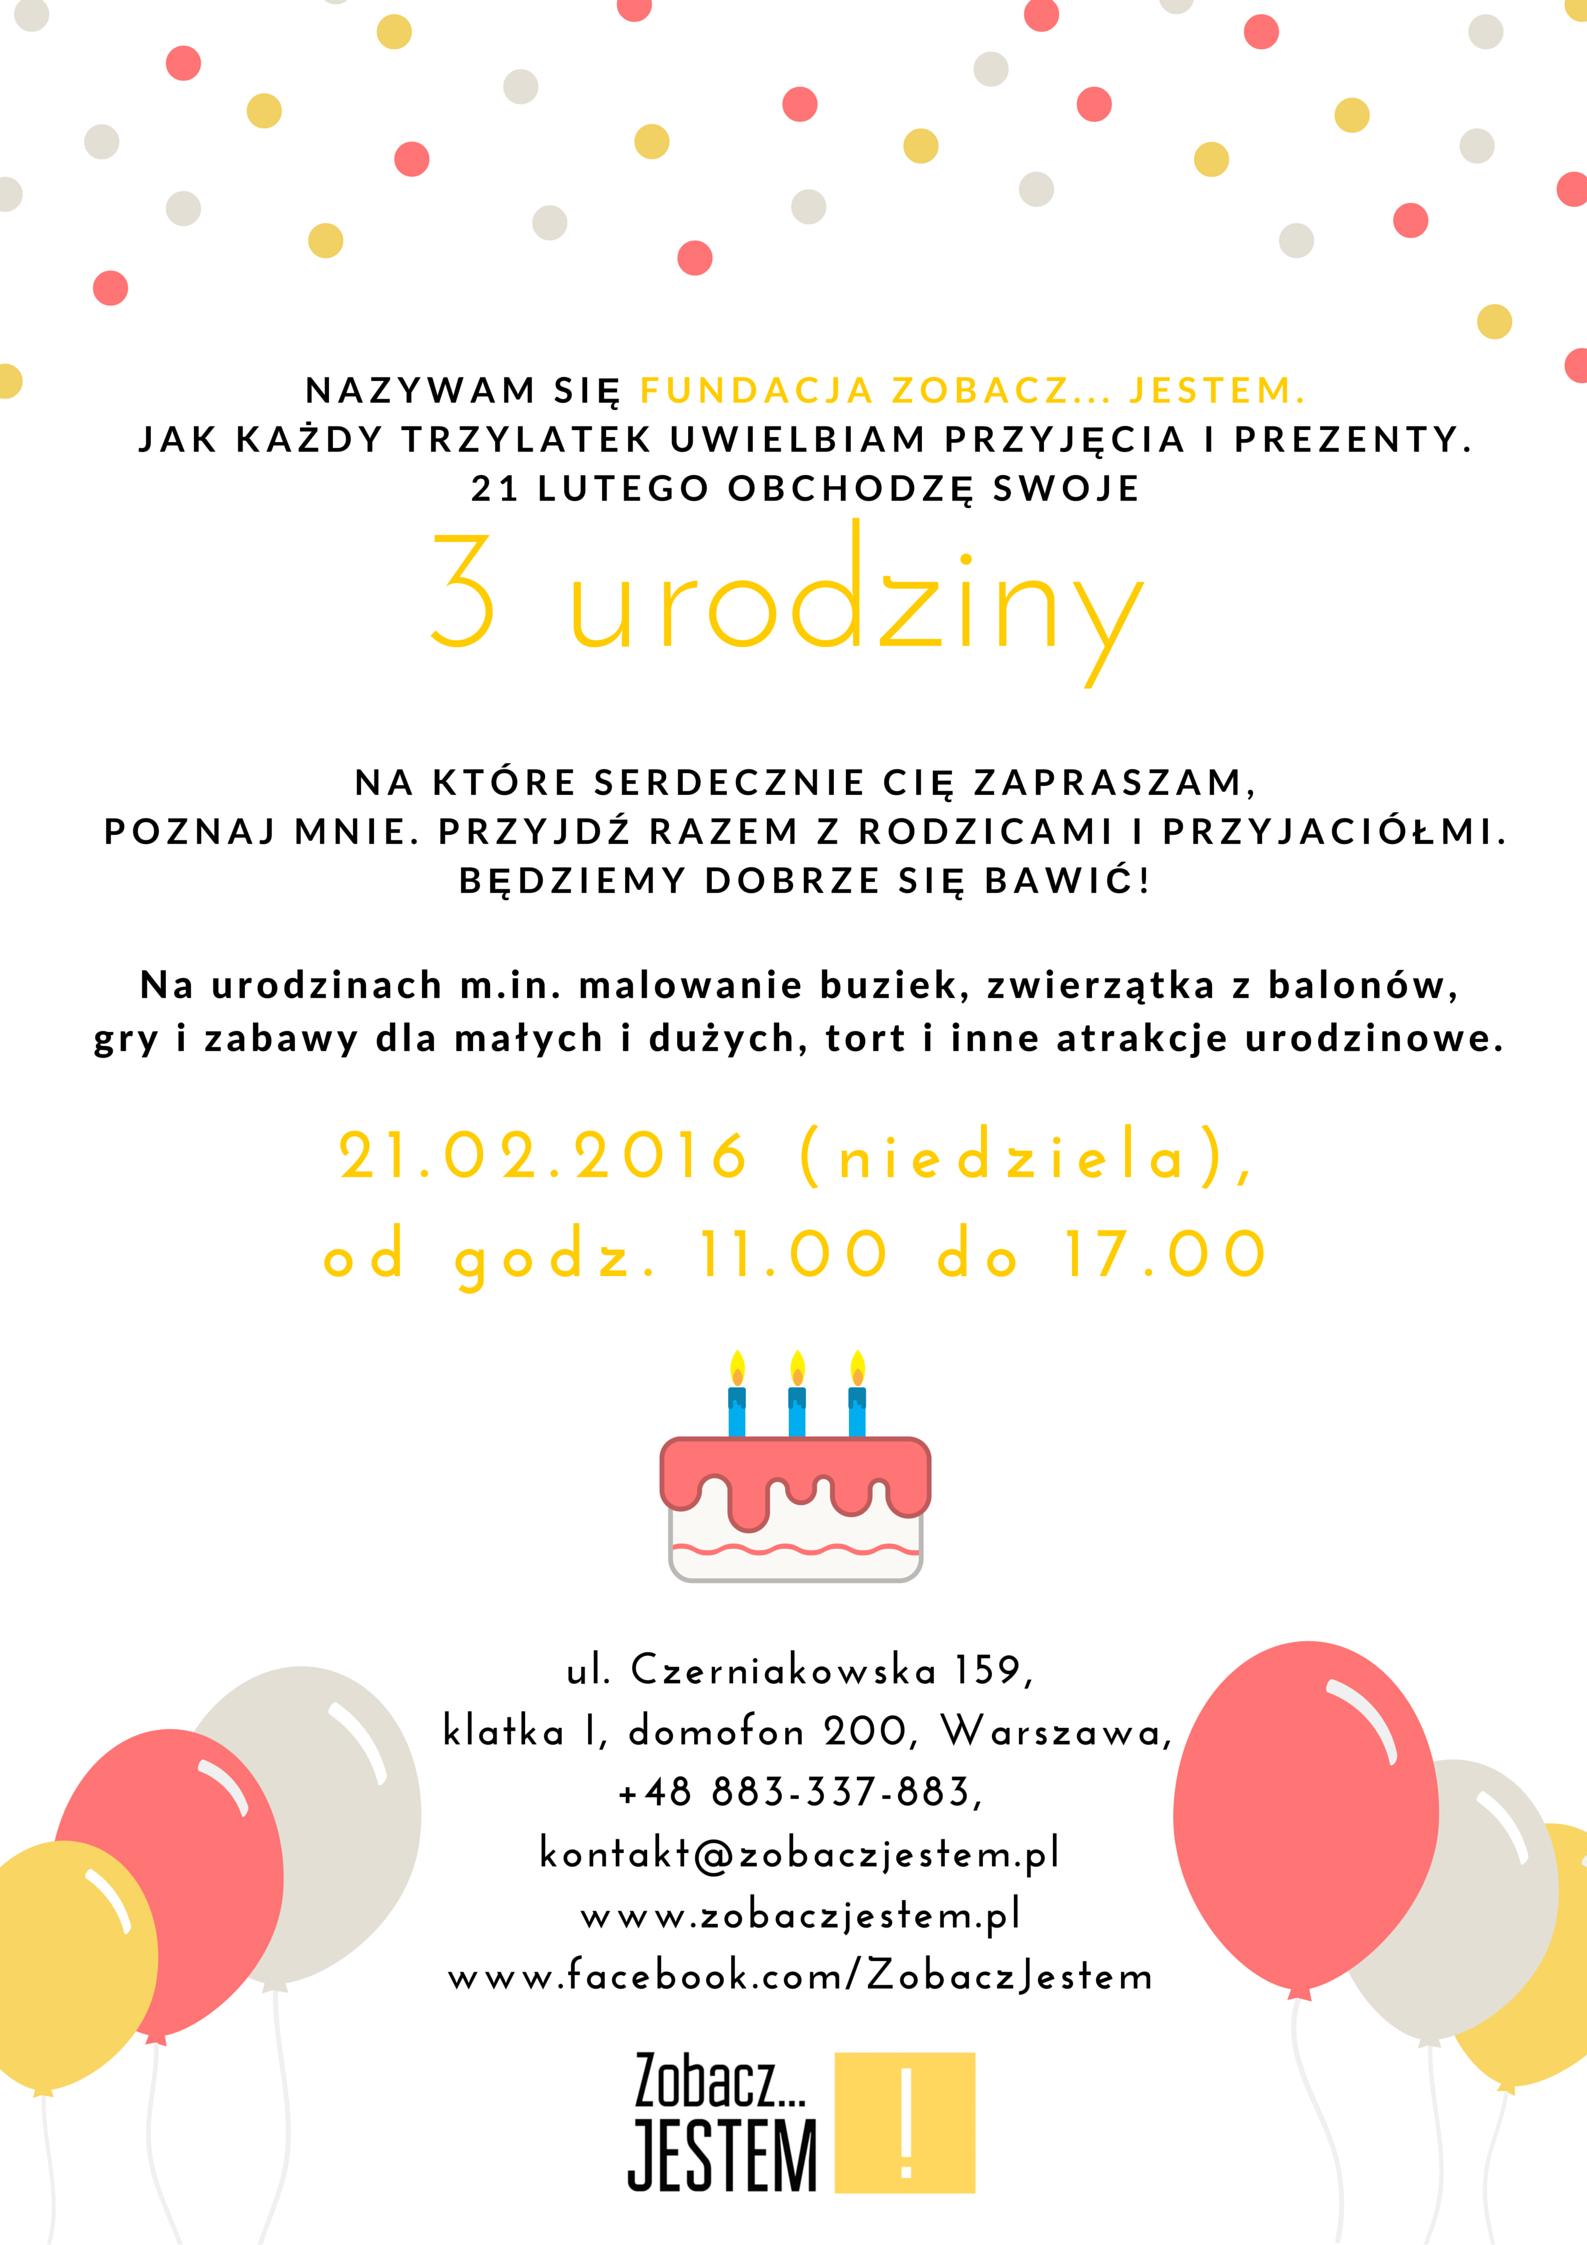 3 urodziny (2)